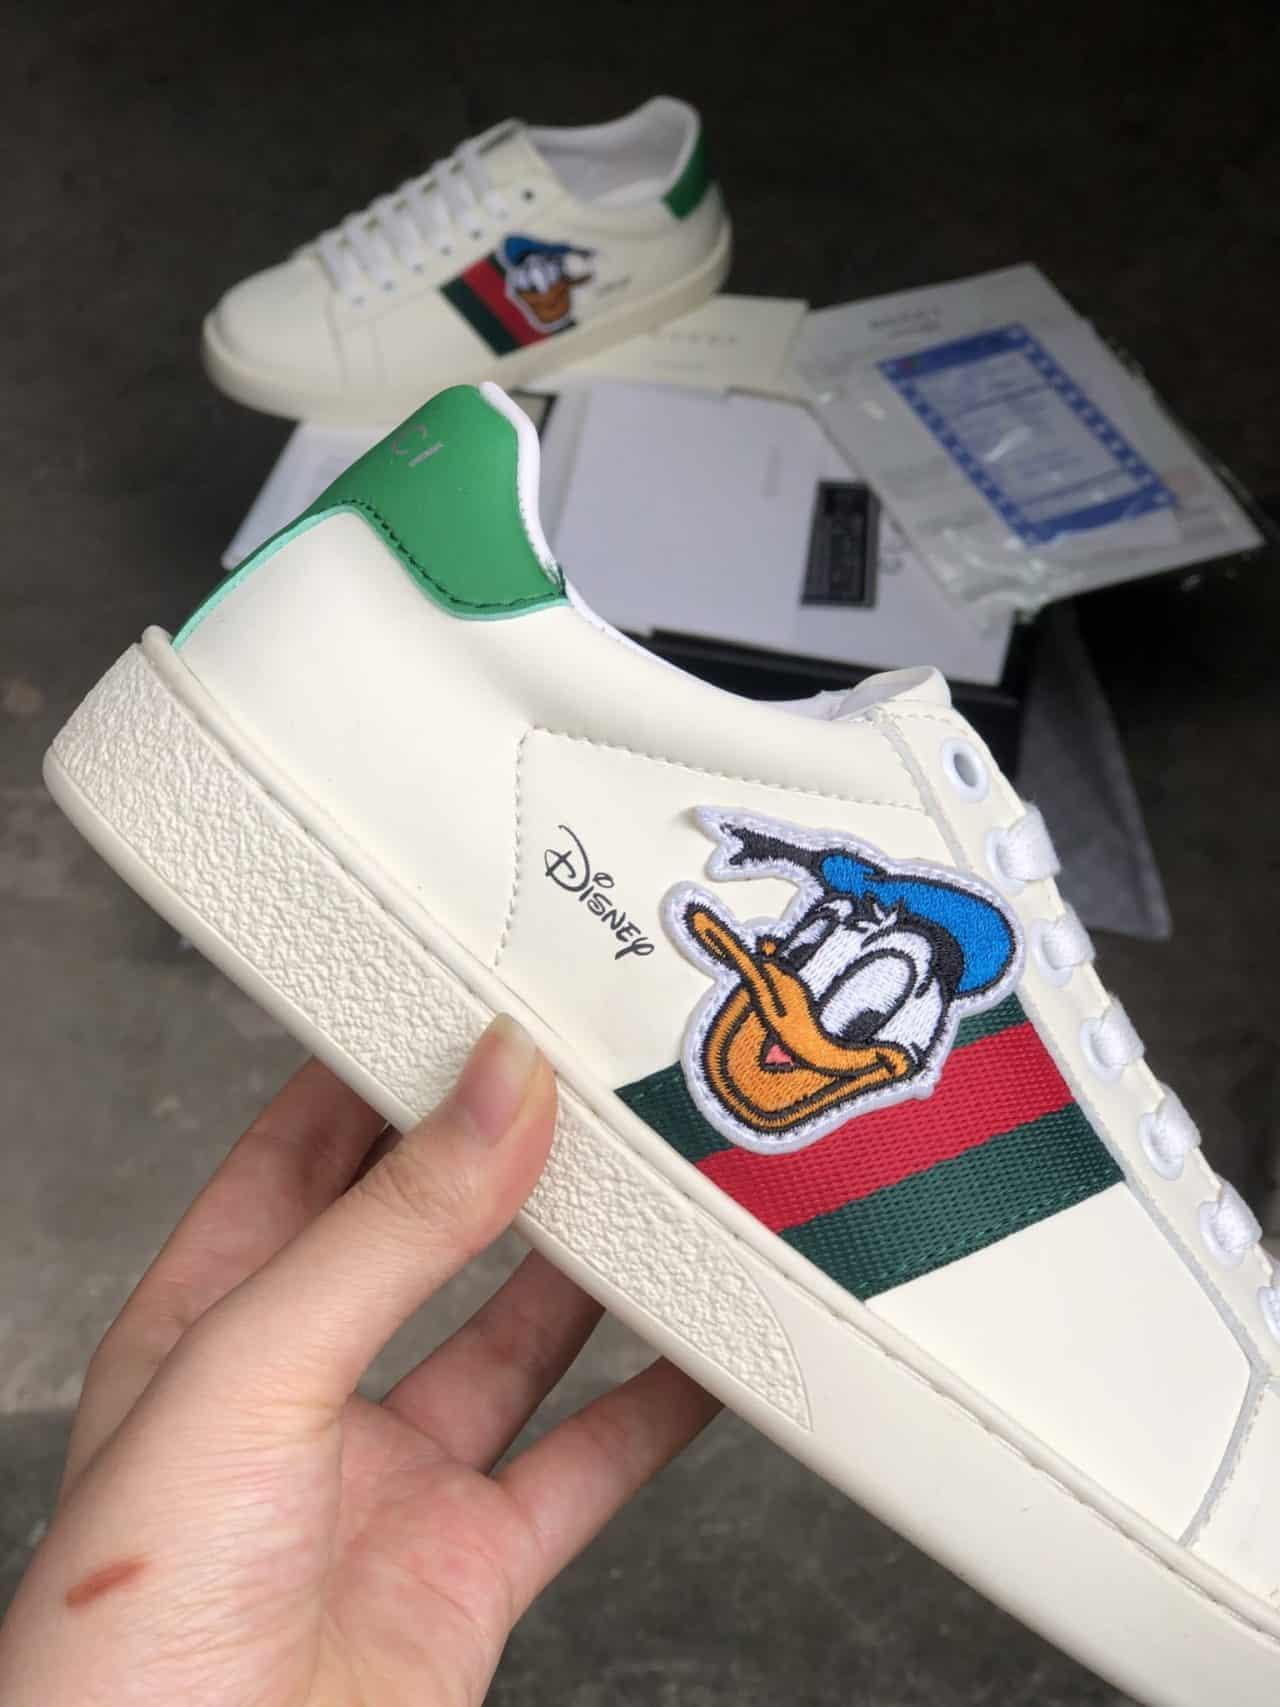 Giày Gucci Vịt rep 1:1 có thiết kế gọn gàng với màu Trắng trang nhã